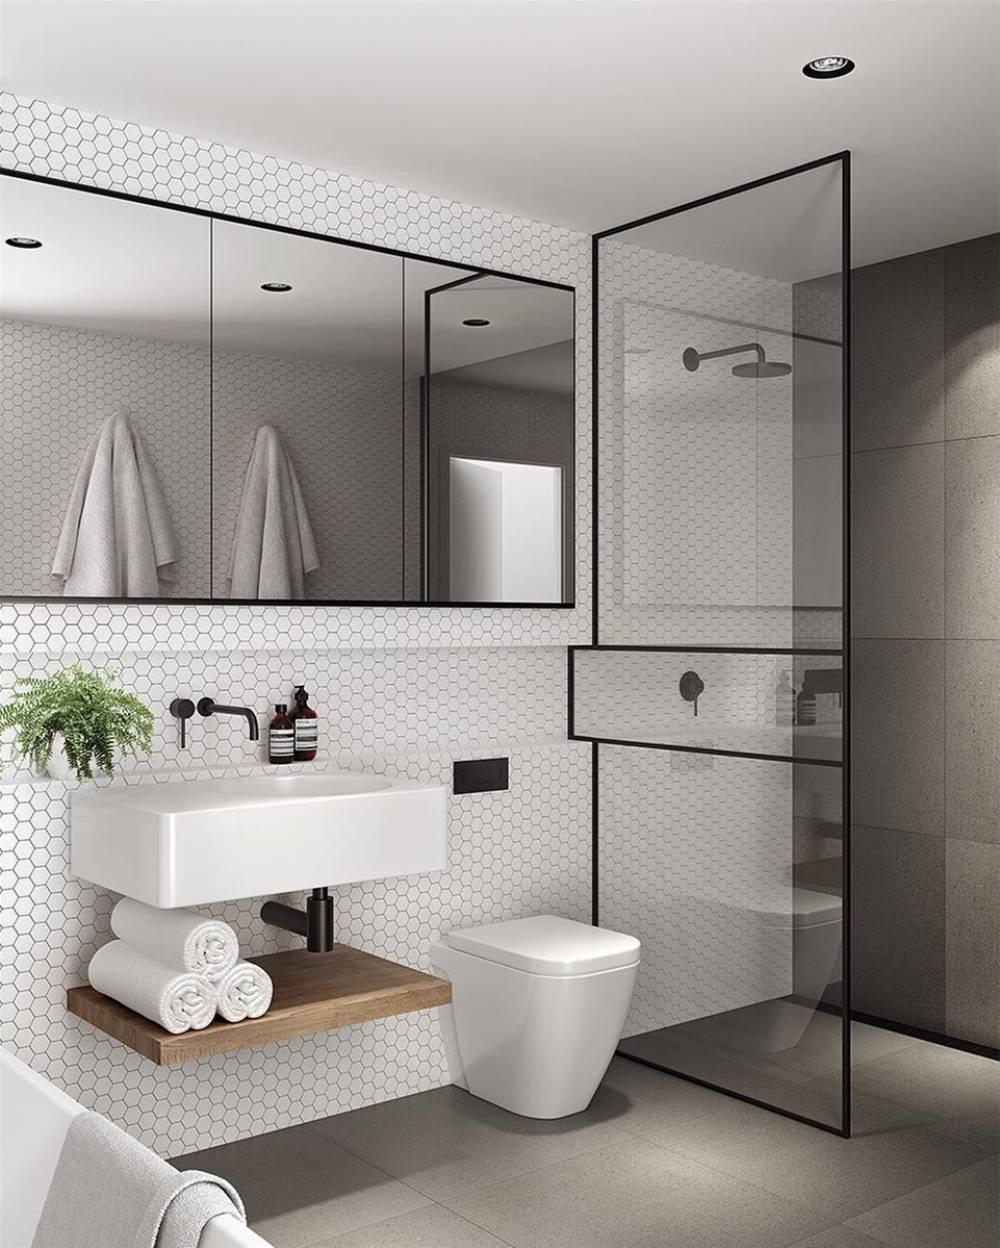 Tư vấn thiết kế nội thất căn hộ chung cư 100m² ở Bình Dương theo phong cách hiện đại, tối giản với chi phí 78 triệu - Ảnh 13.